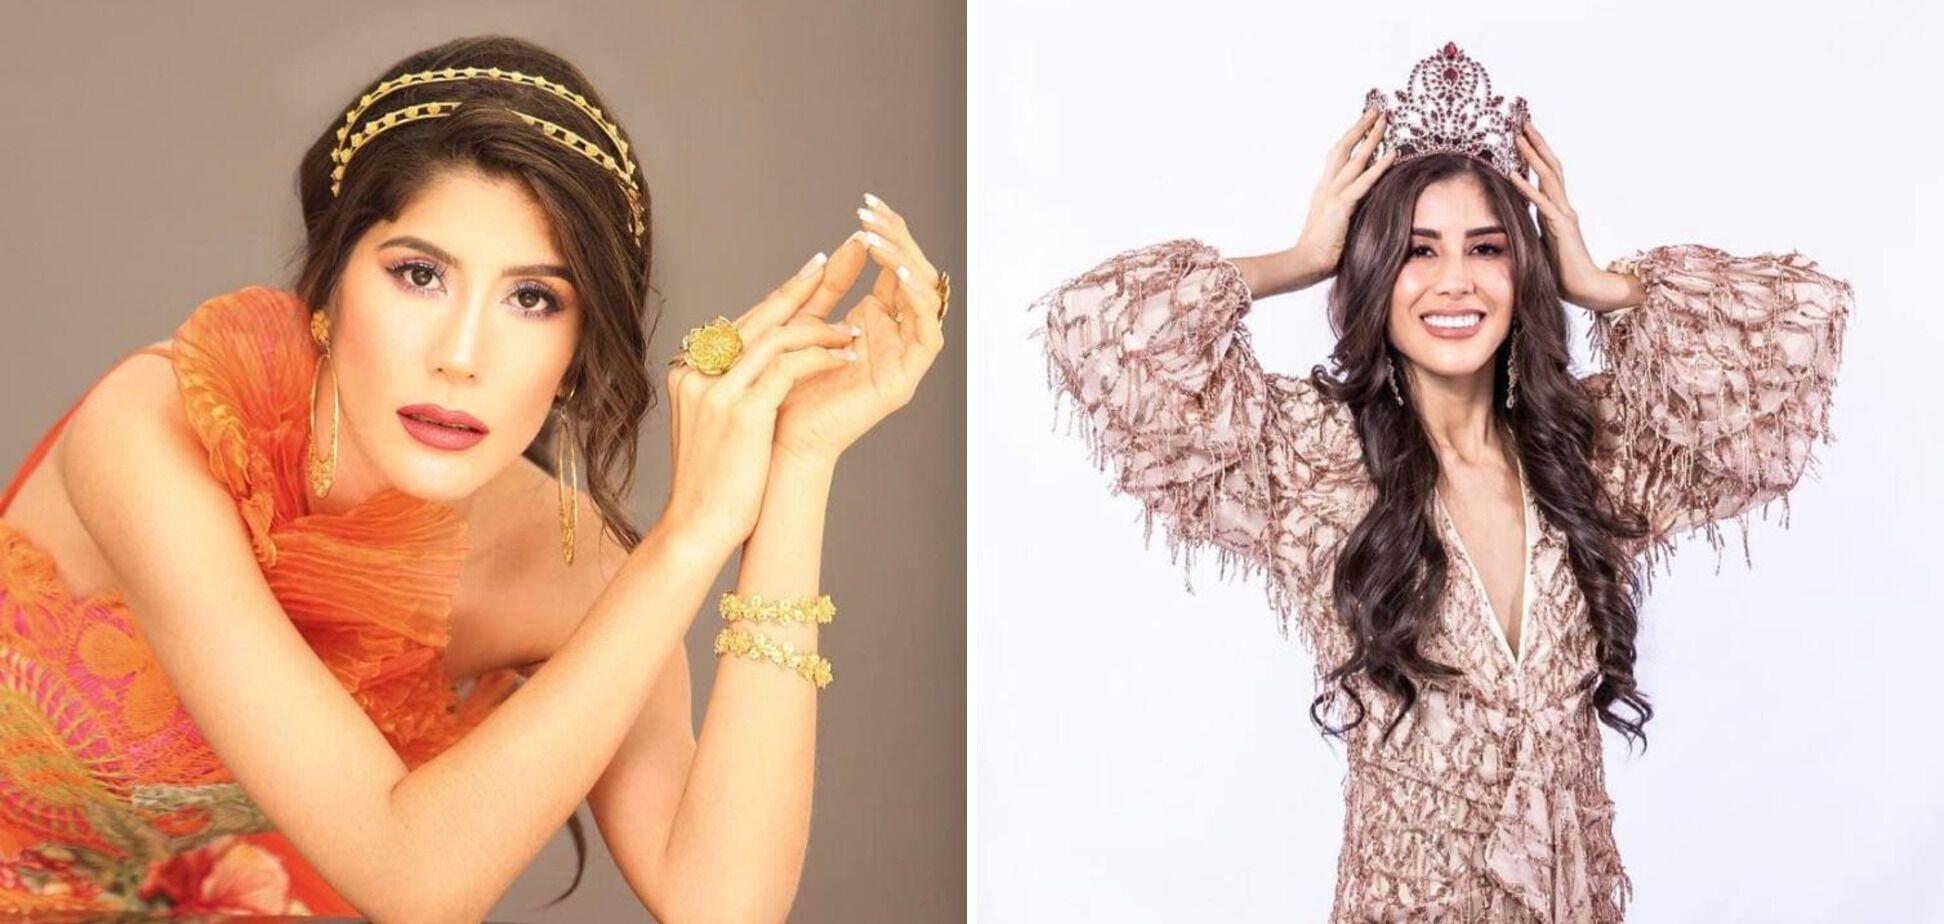 Ванесса Кастро Гильен победила в конкурсе красоты в Парагвае